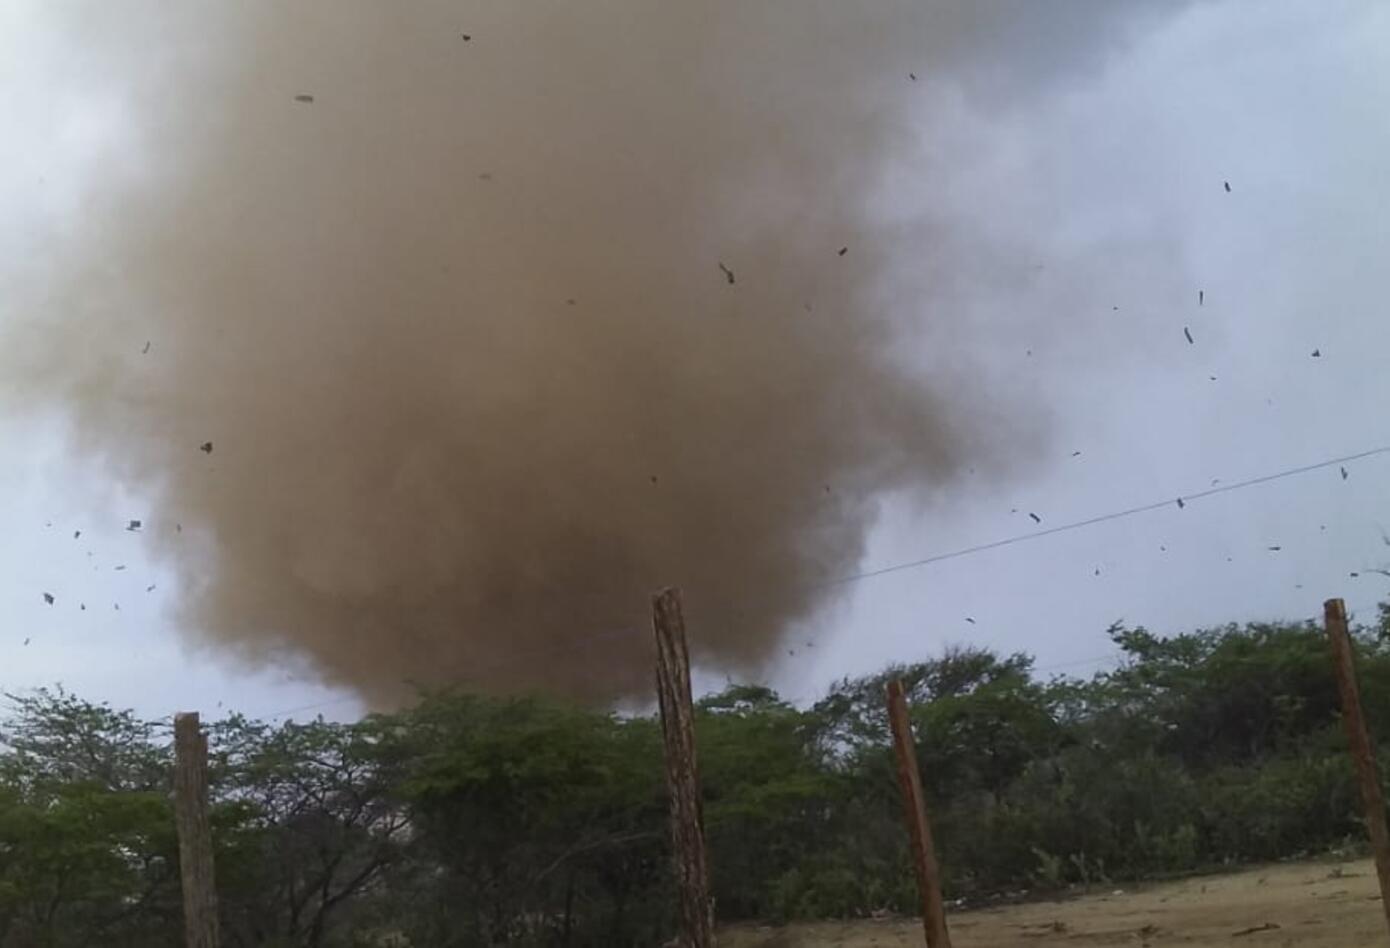 el tornado se llevó todo lo que vio a su paso